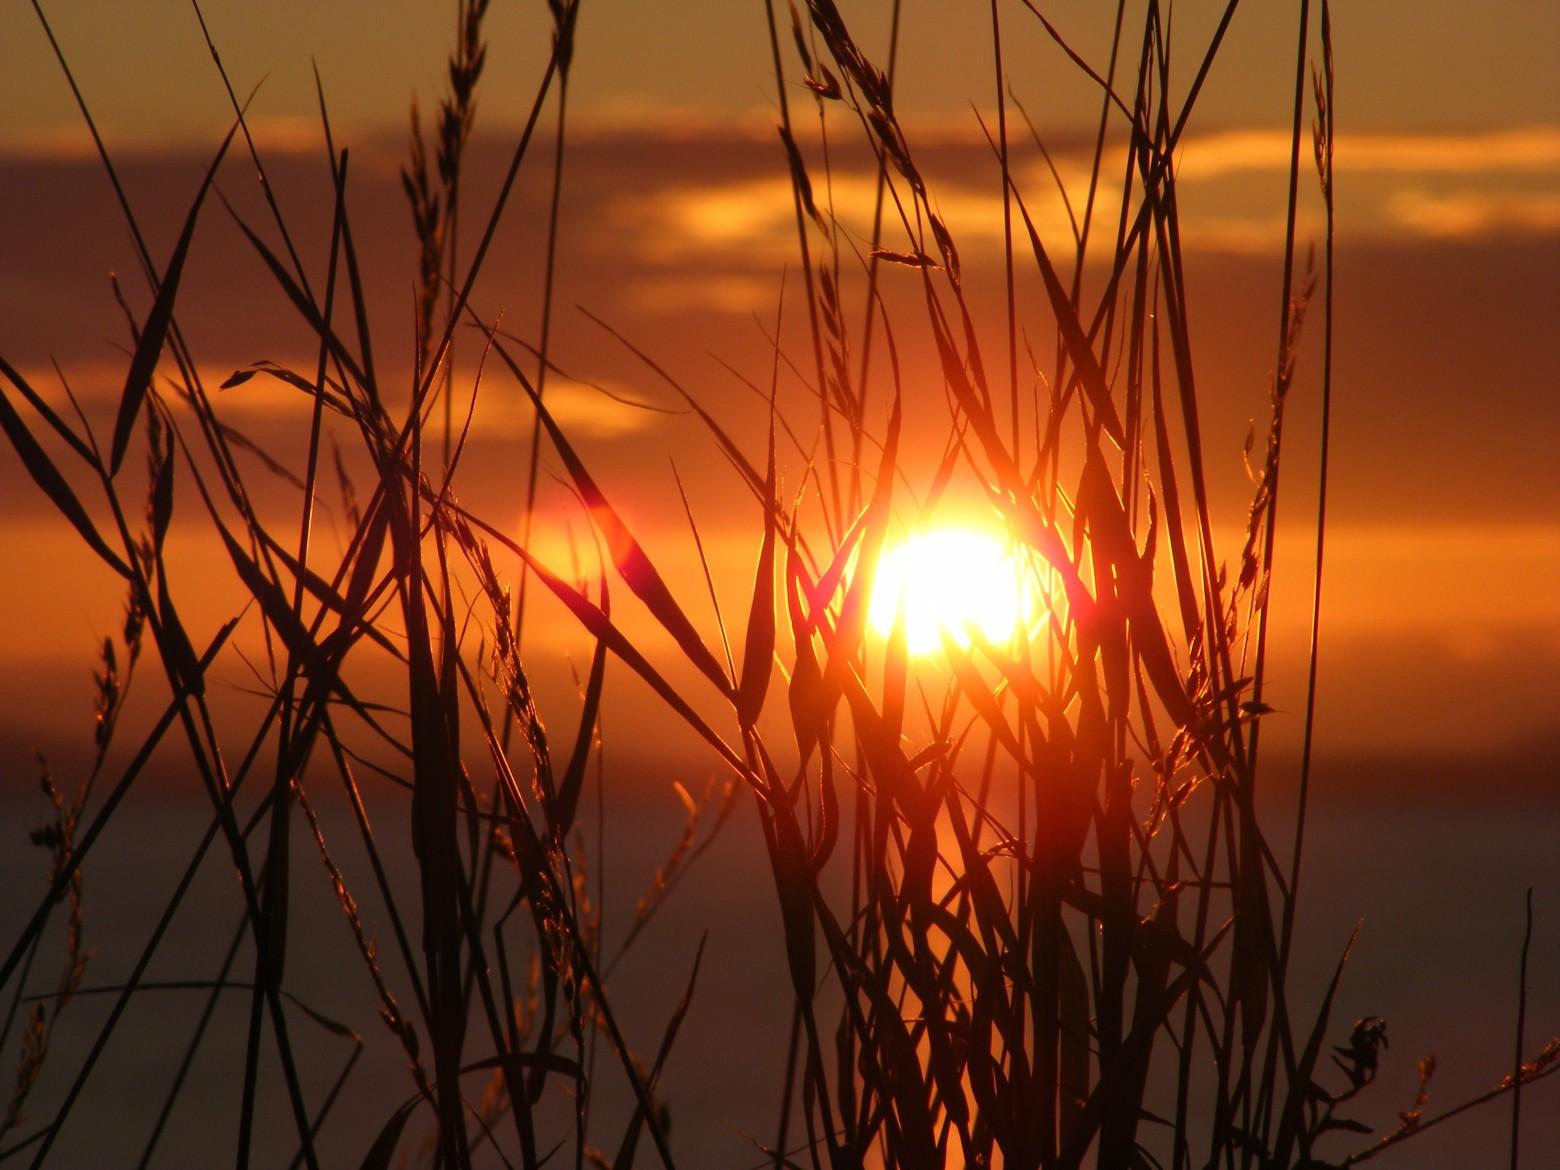 Pi de bl sunset coucher de soleil images photos - Les bronzes bonsoir nous allons nous coucher ...